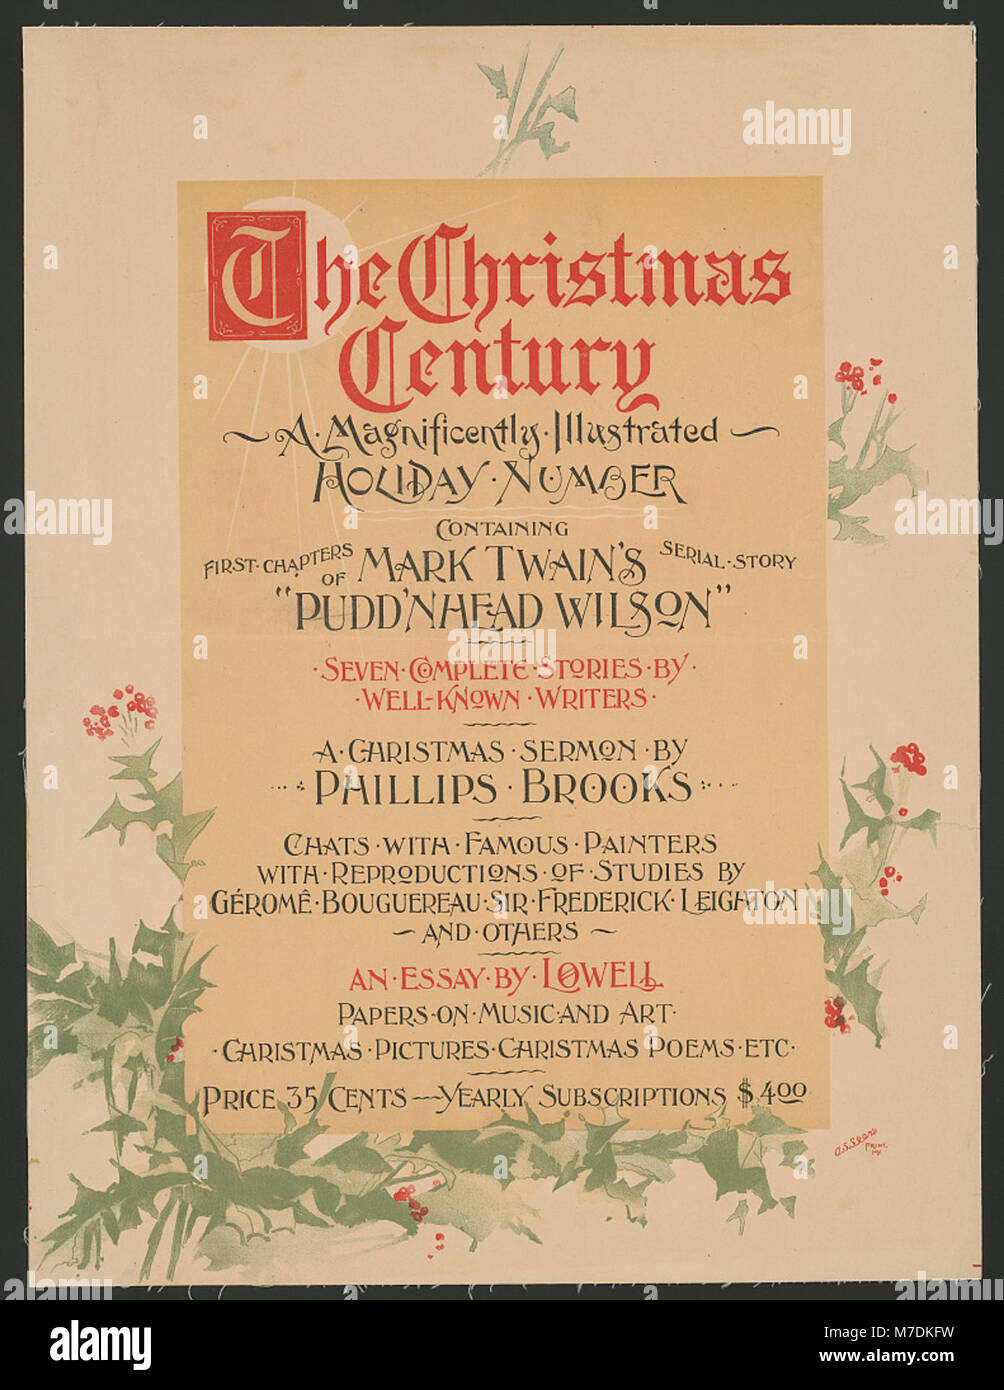 Weihnachten Jahrhundert, ein prächtig illustrierte Urlaub... LCCN ...